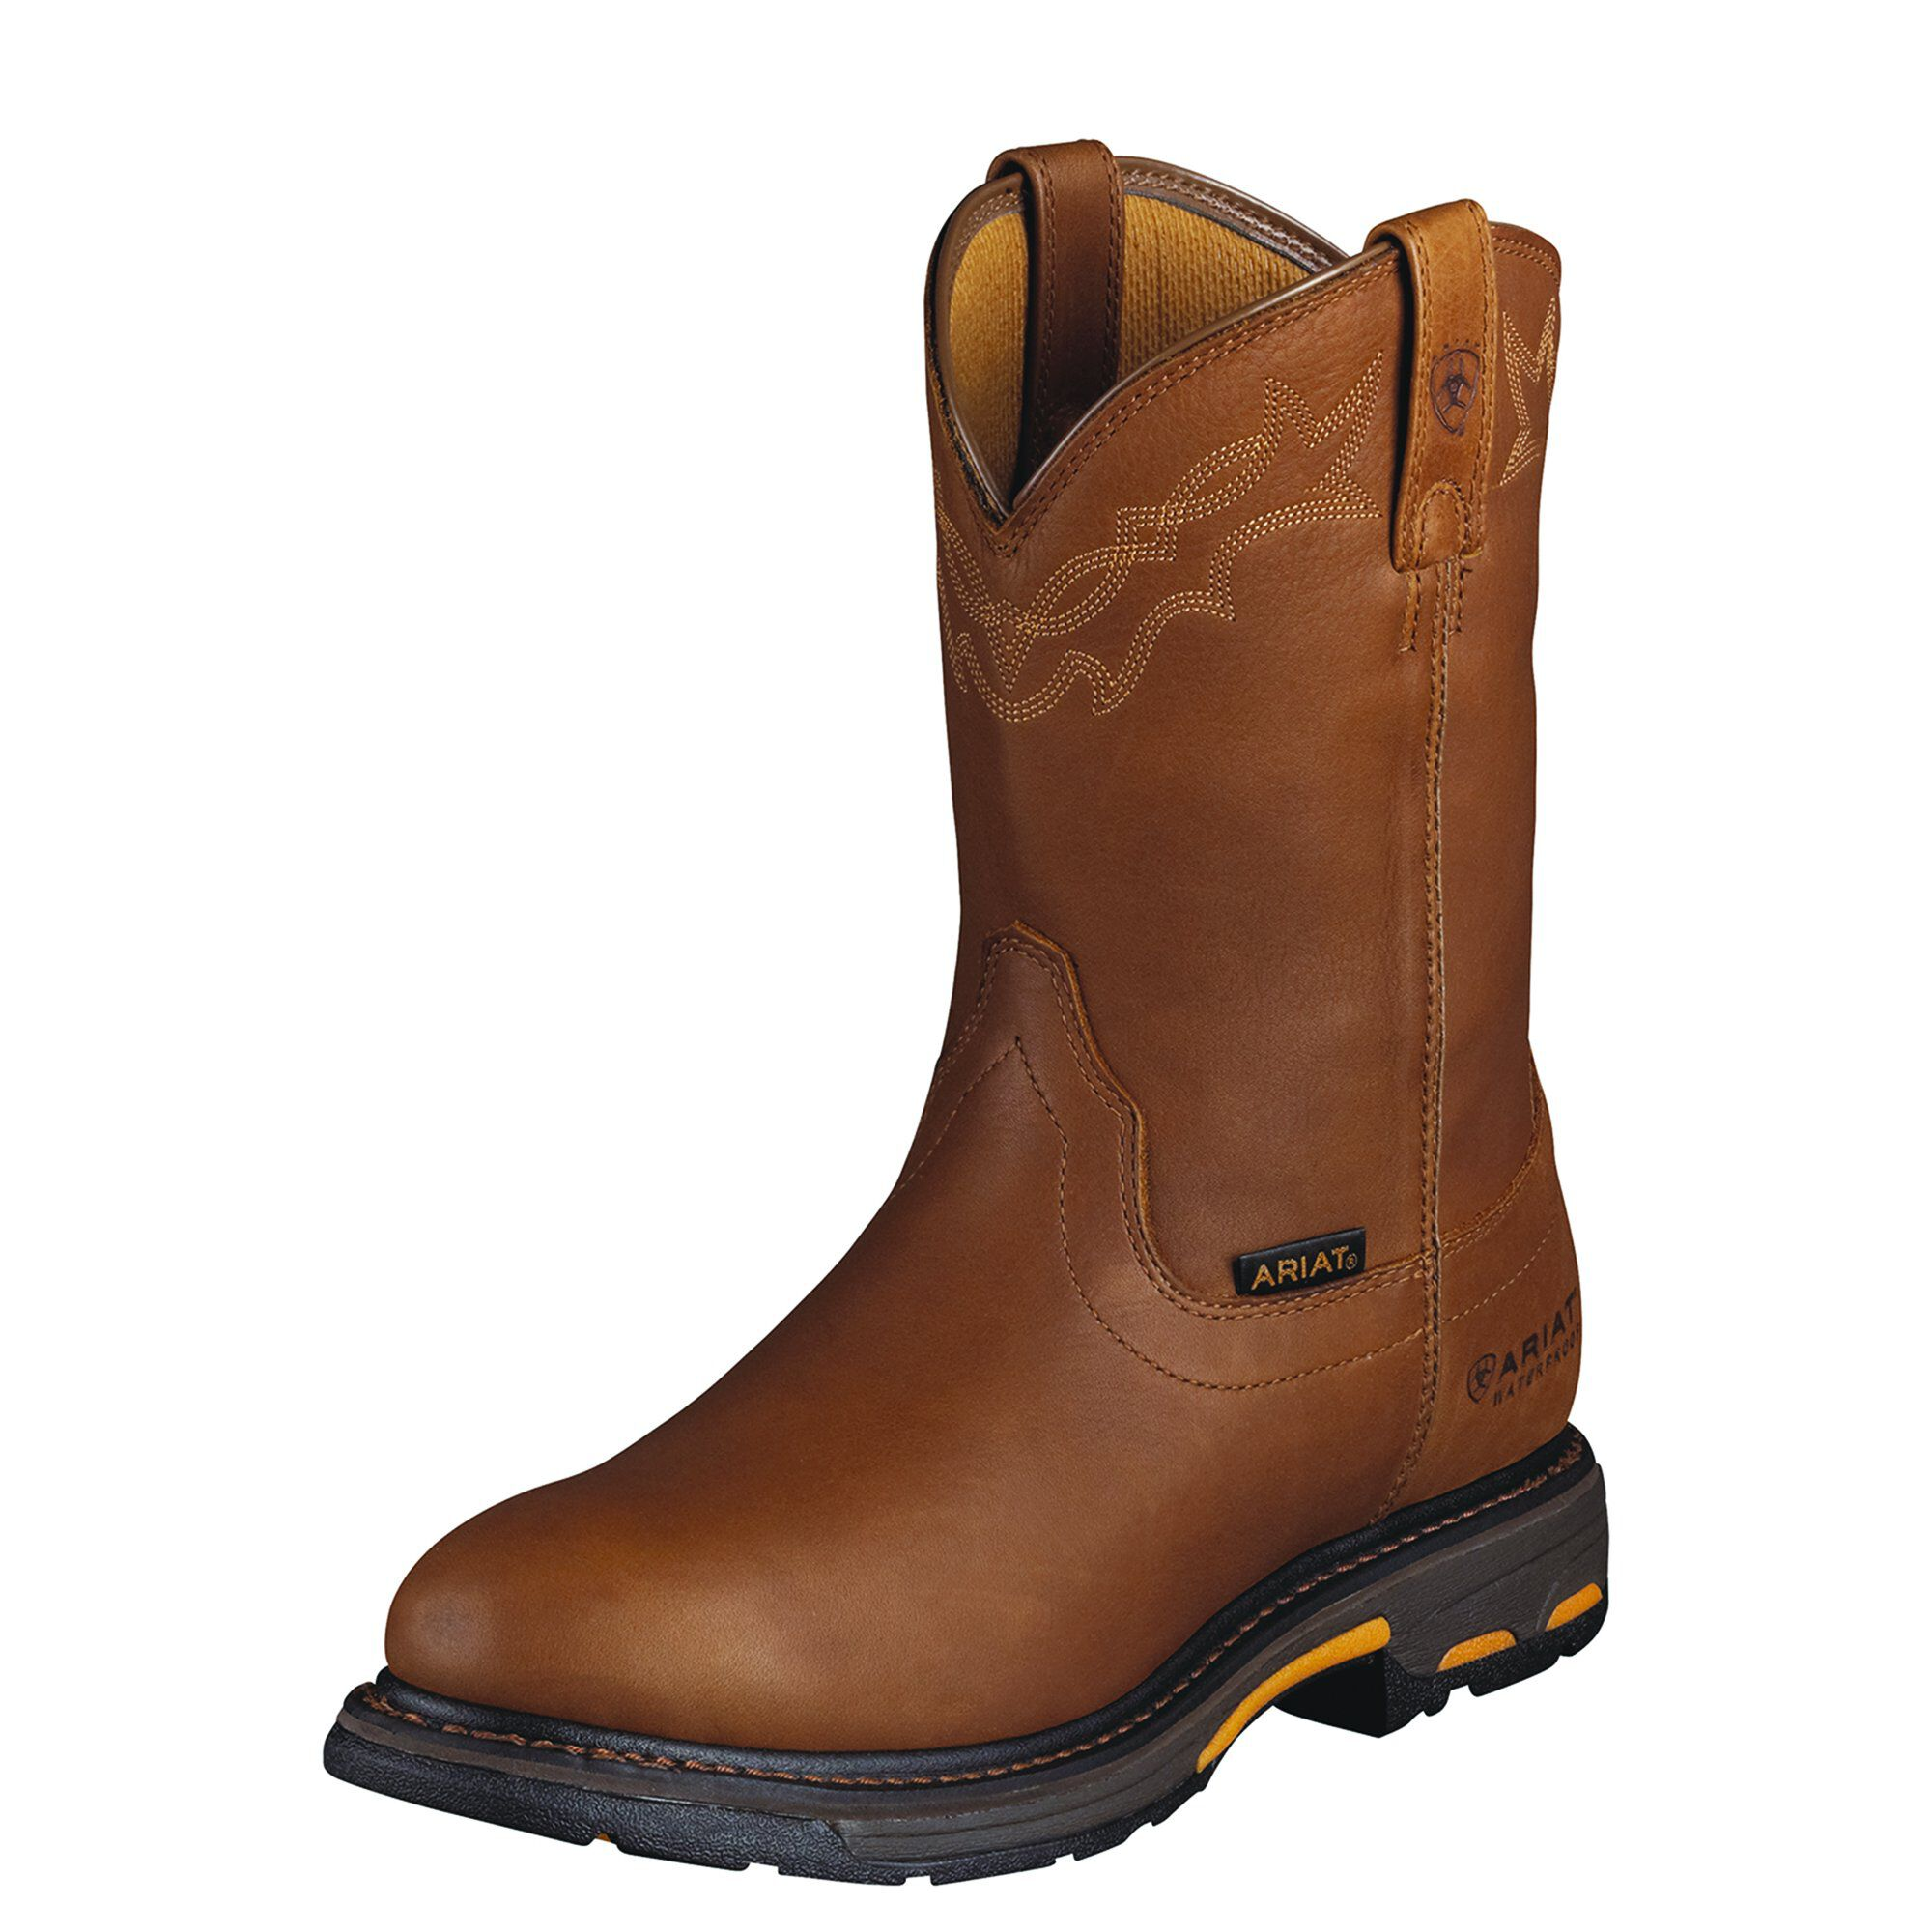 WorkHog Waterproof Work Boot